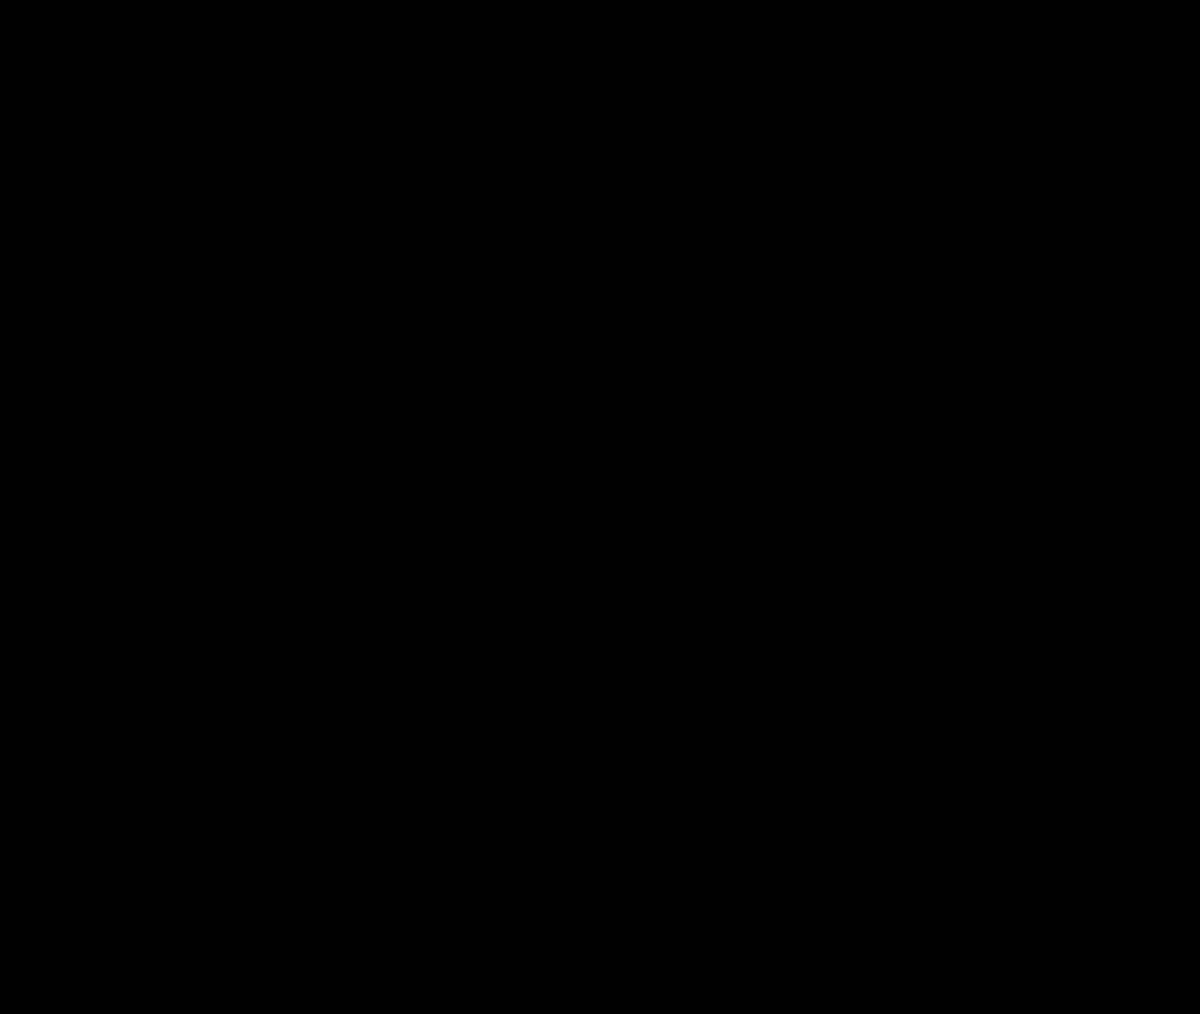 Ikona kolarze w trakcie wyścigu